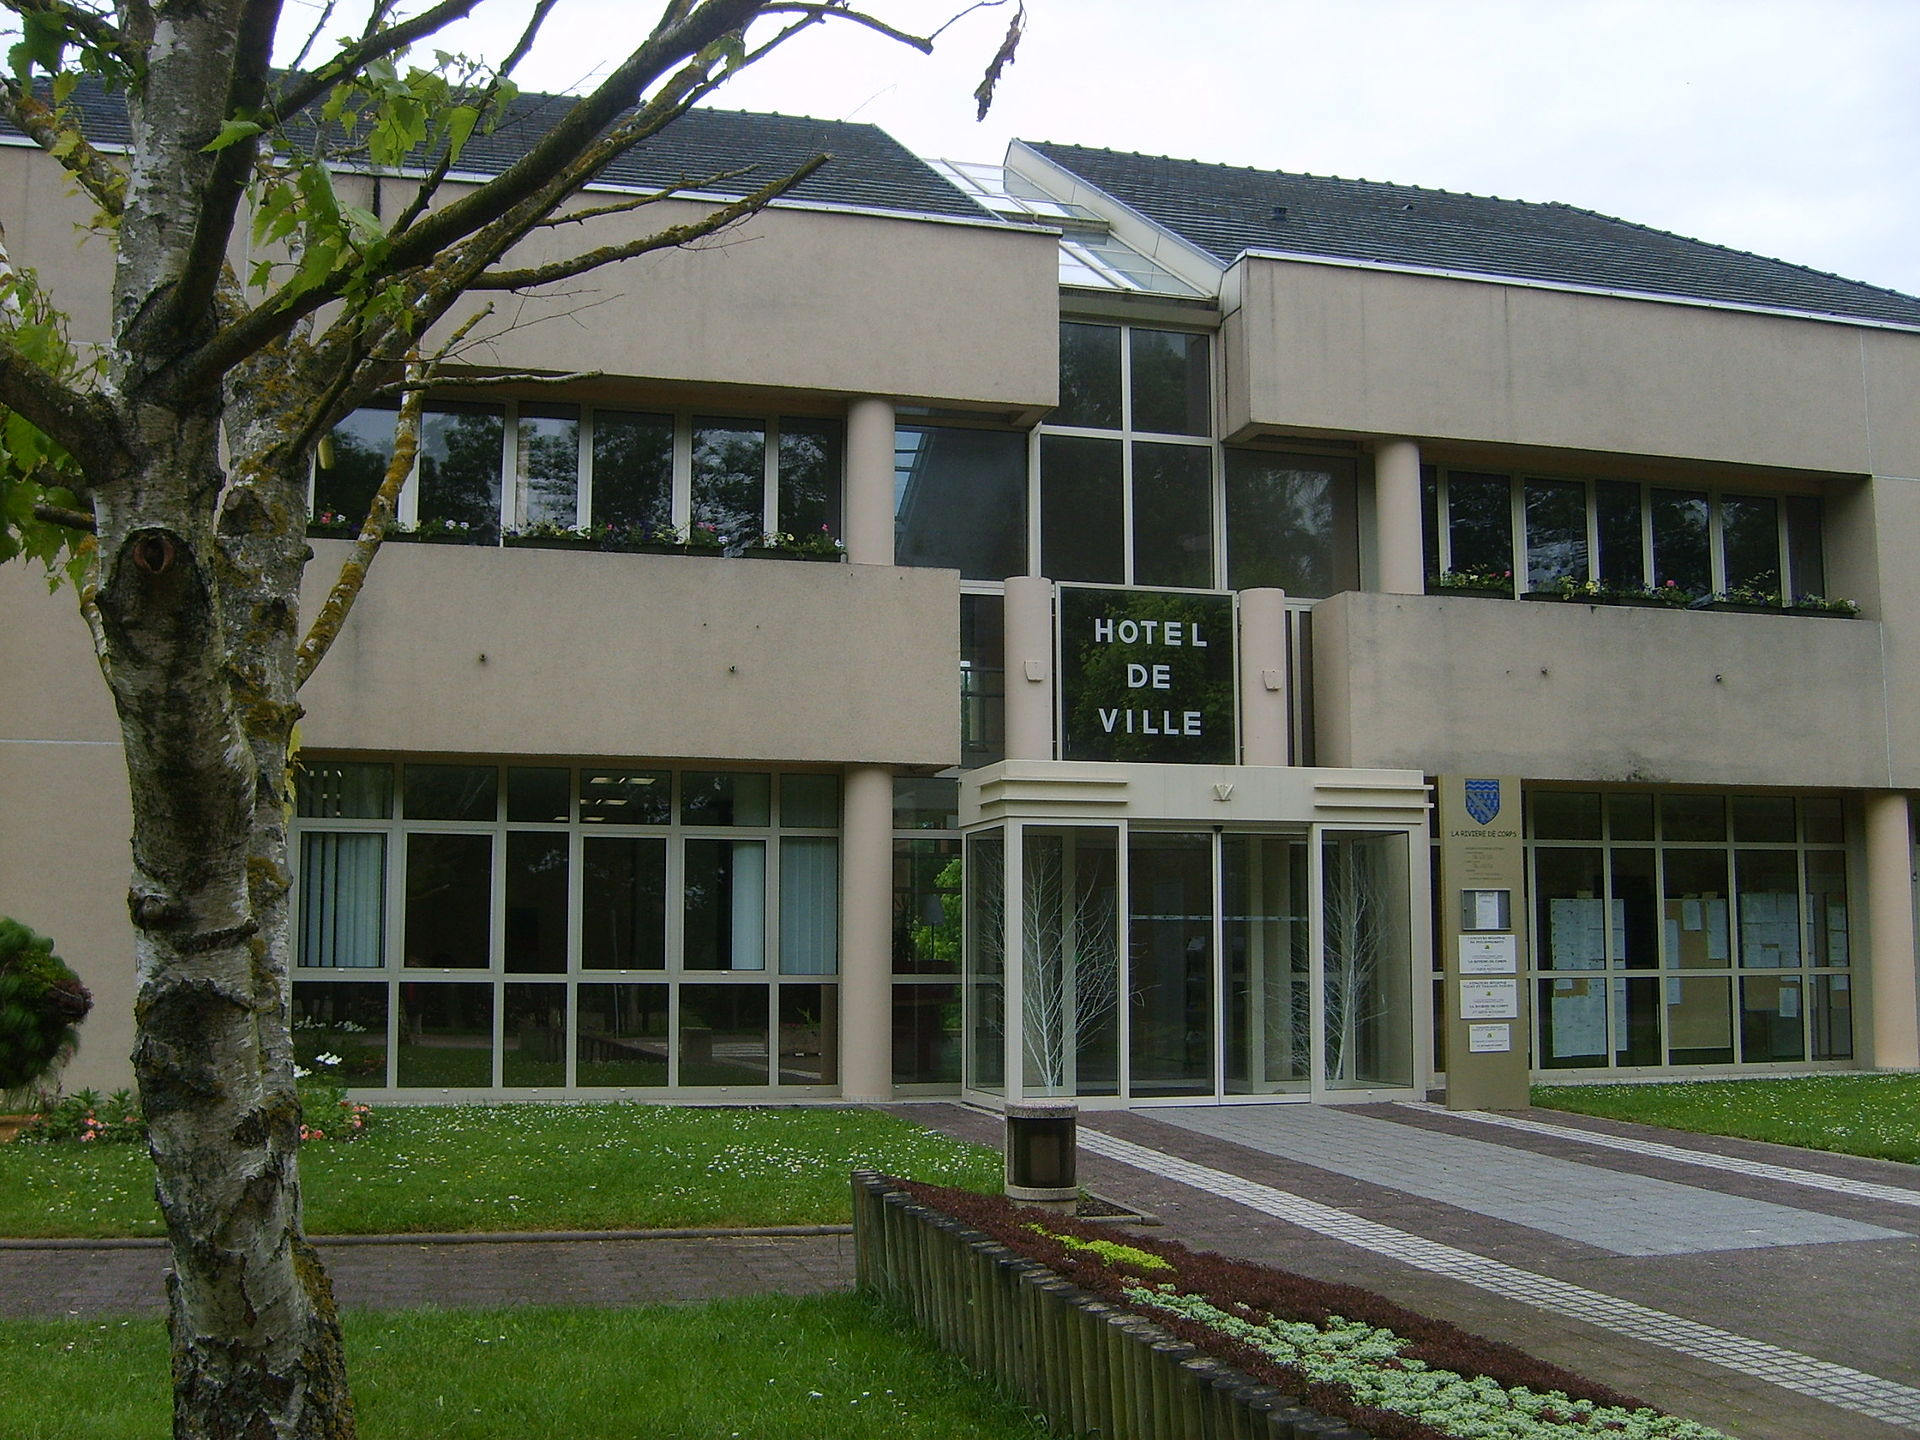 Hotel De Ville Riviere De Corps Aube